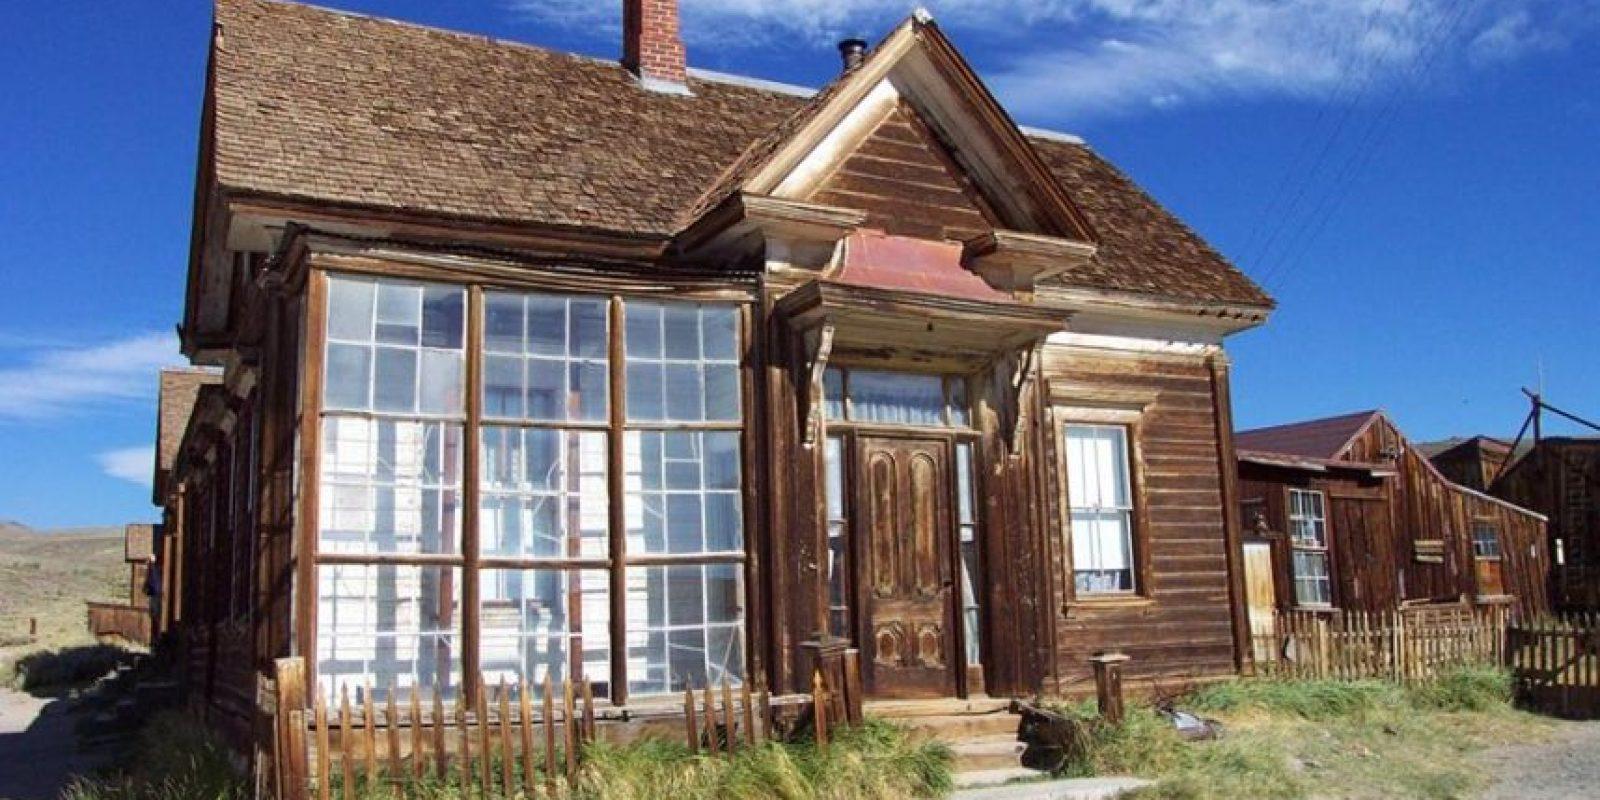 Durante el siglo XVIII fue una de las ciudades más pobladas del estado por sus yacimientos de oro Foto: Bodie.com